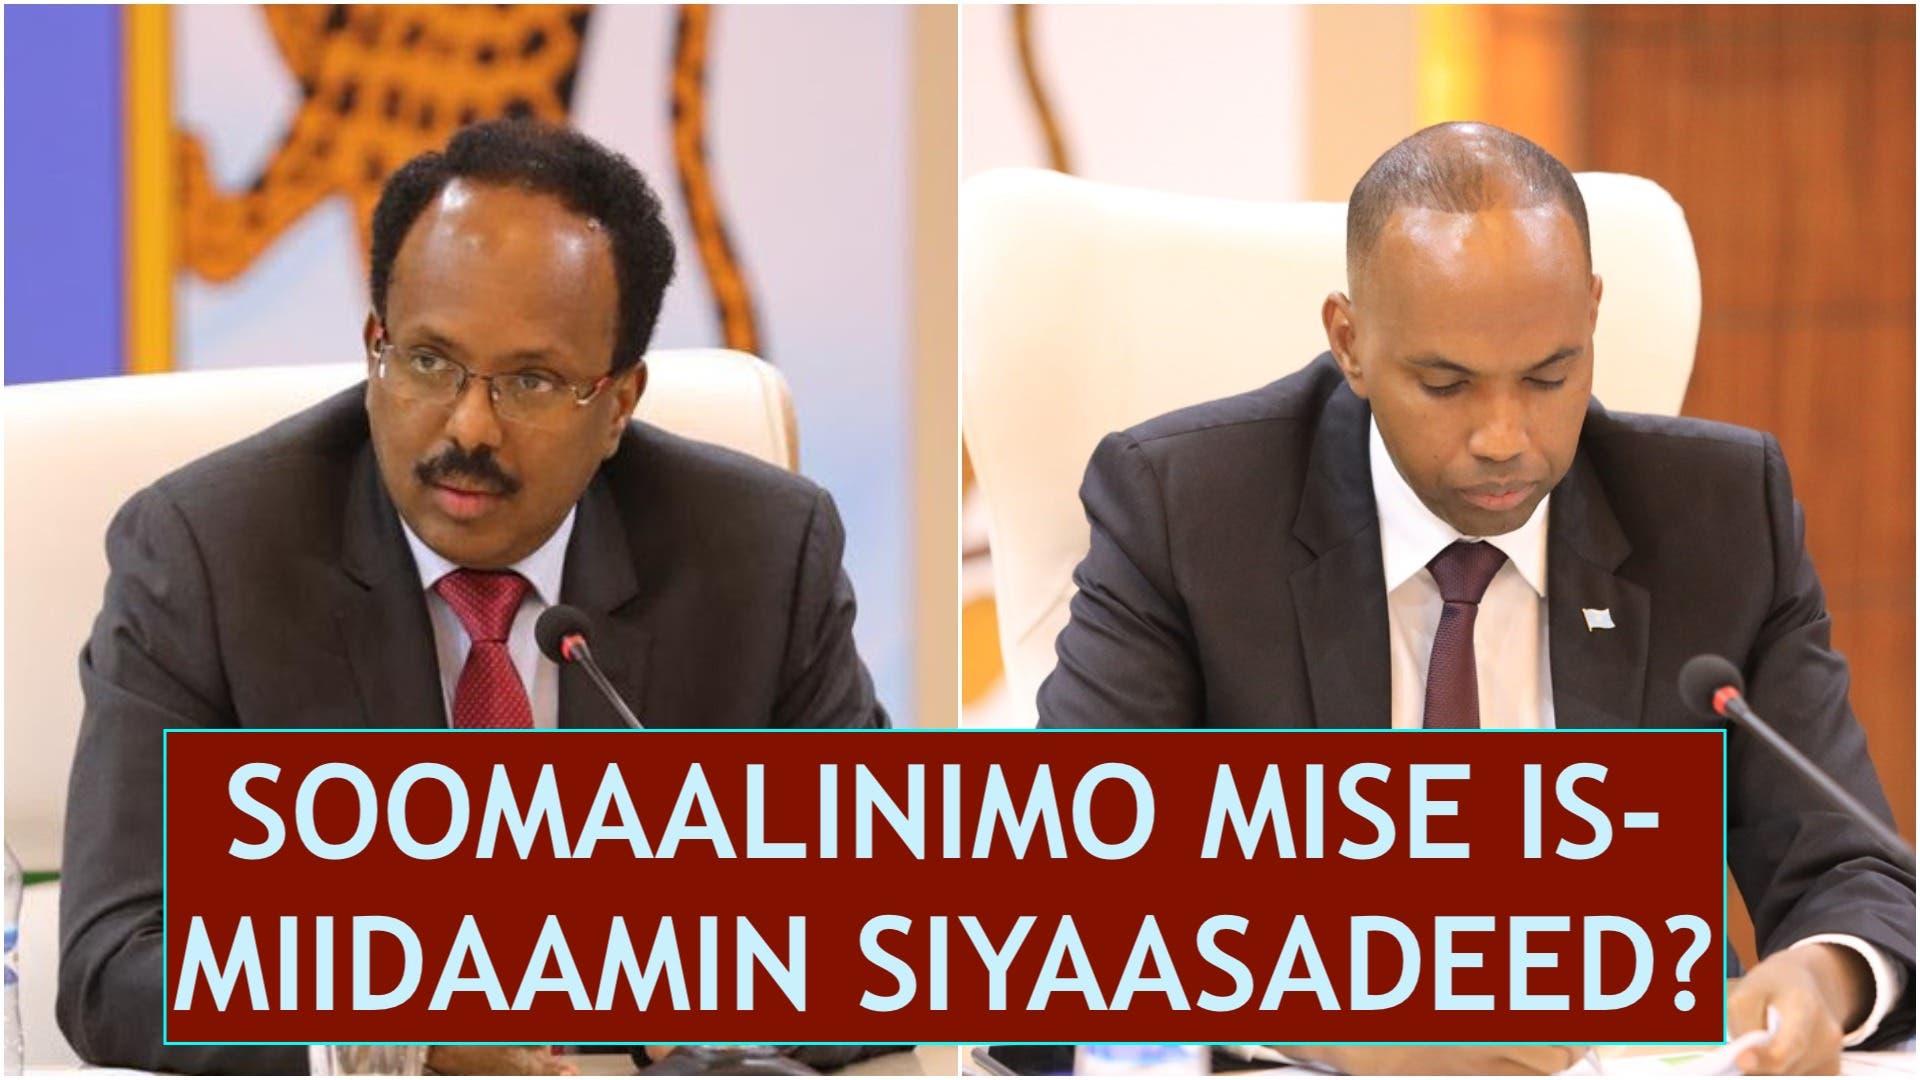 Daawo: Nabad iyo Nolol oo qaadatay go'aano abuuray hal su'aal: Soomaalinimo mise is-miidaamin?